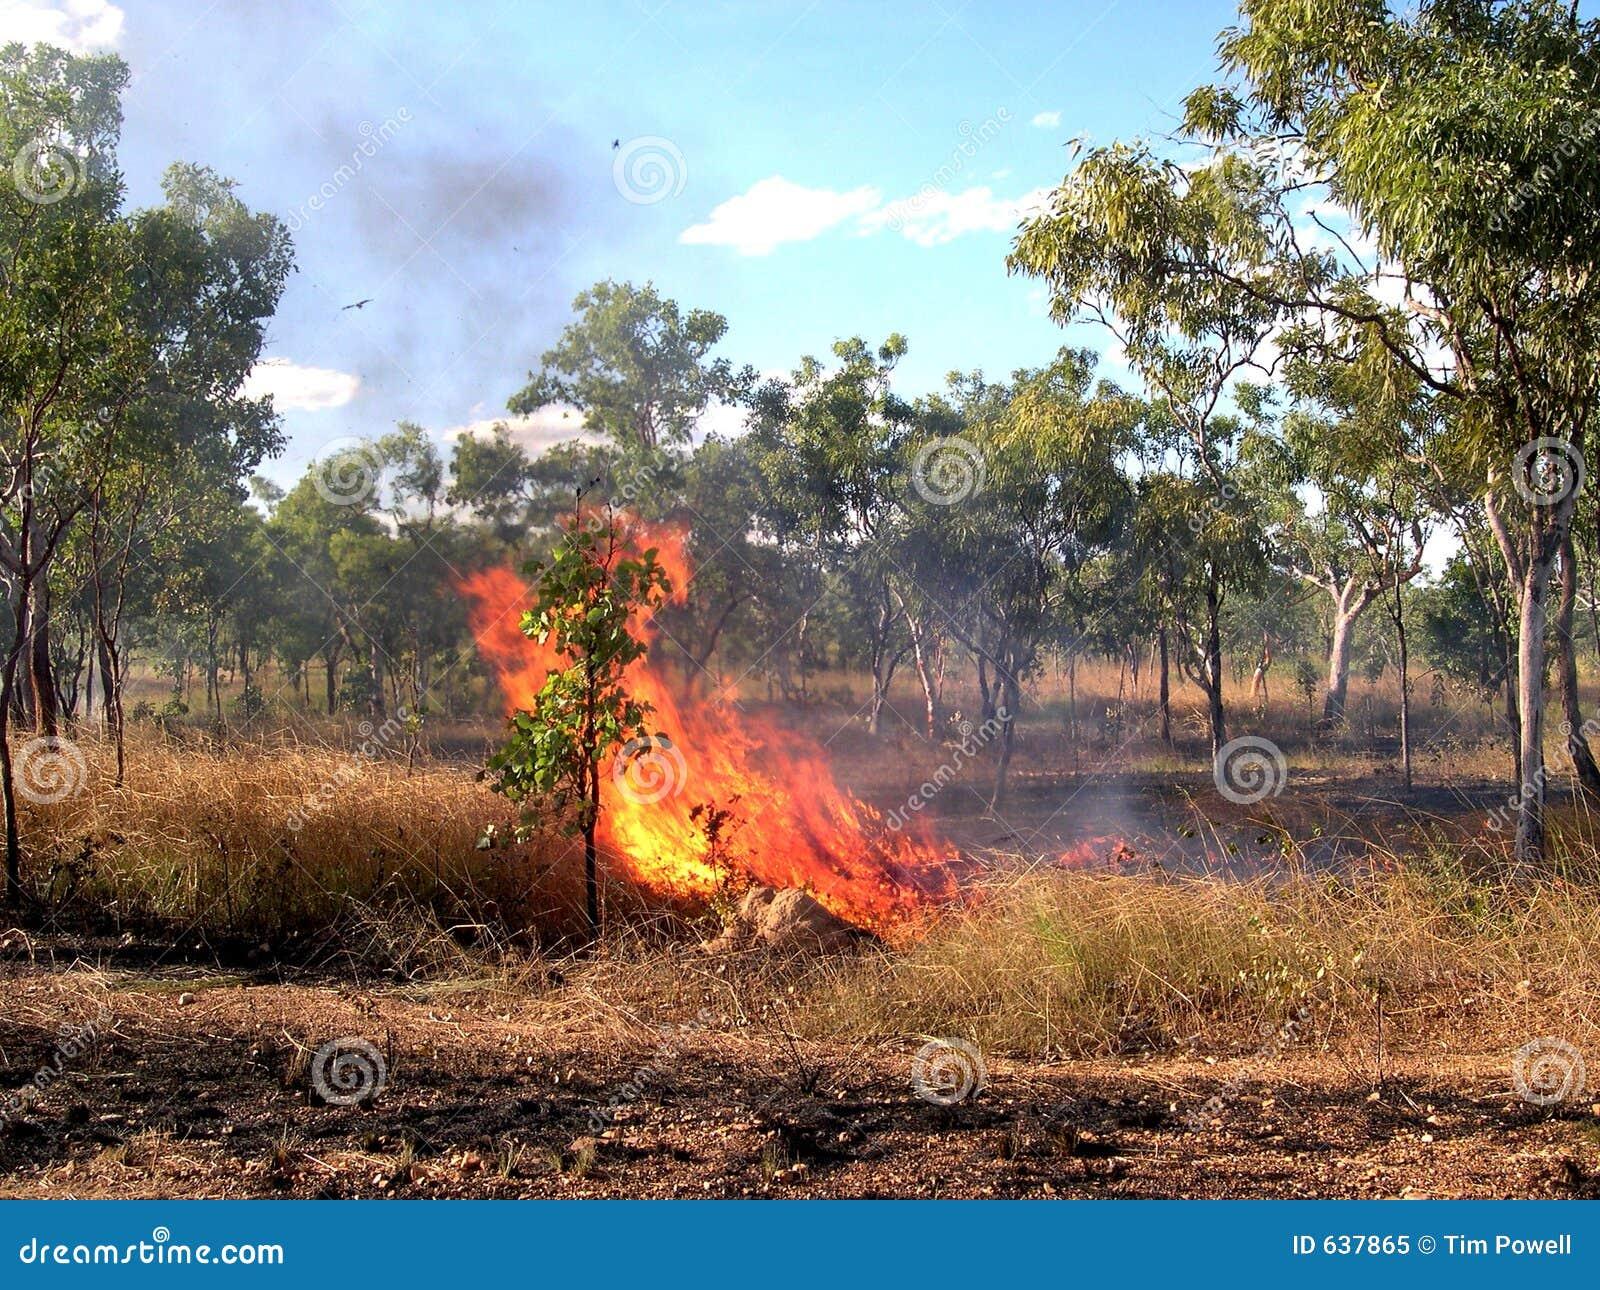 Download Burnoff Австралии стоковое изображение. изображение насчитывающей отражение - 637865